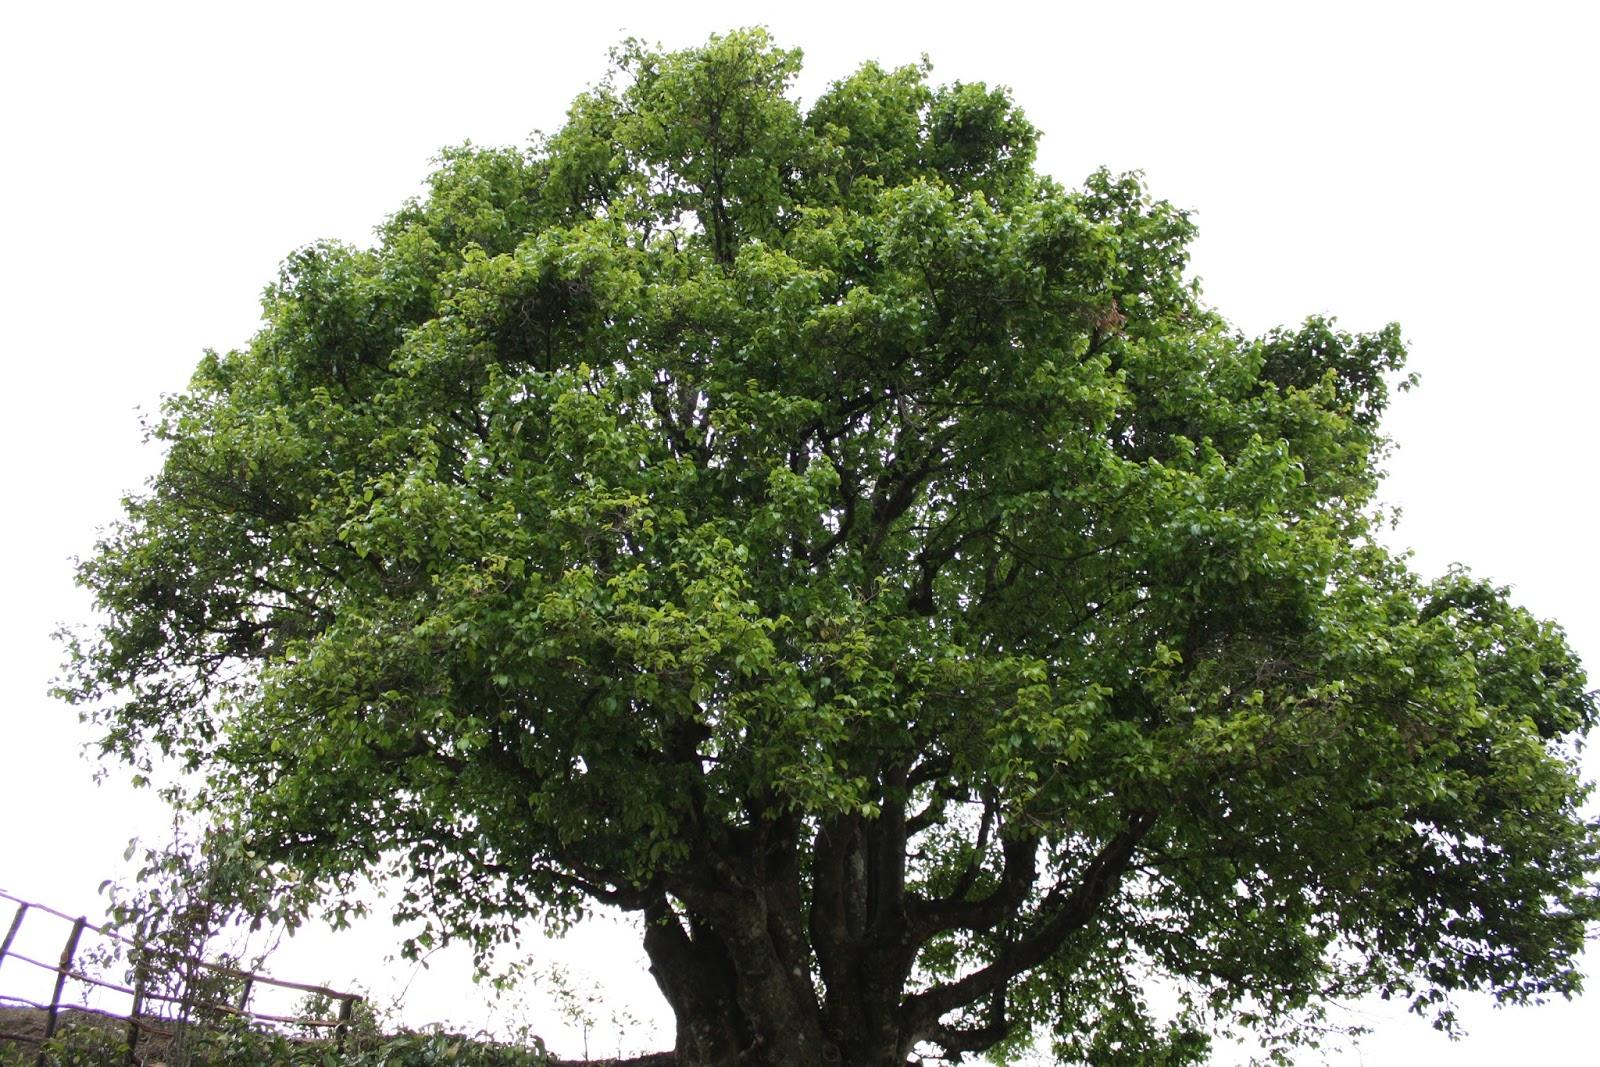 Масло чайного дерева, или как его еще называют Melaleuca, добывается из листьев австралийского растения Melaleuca Alternifolia.